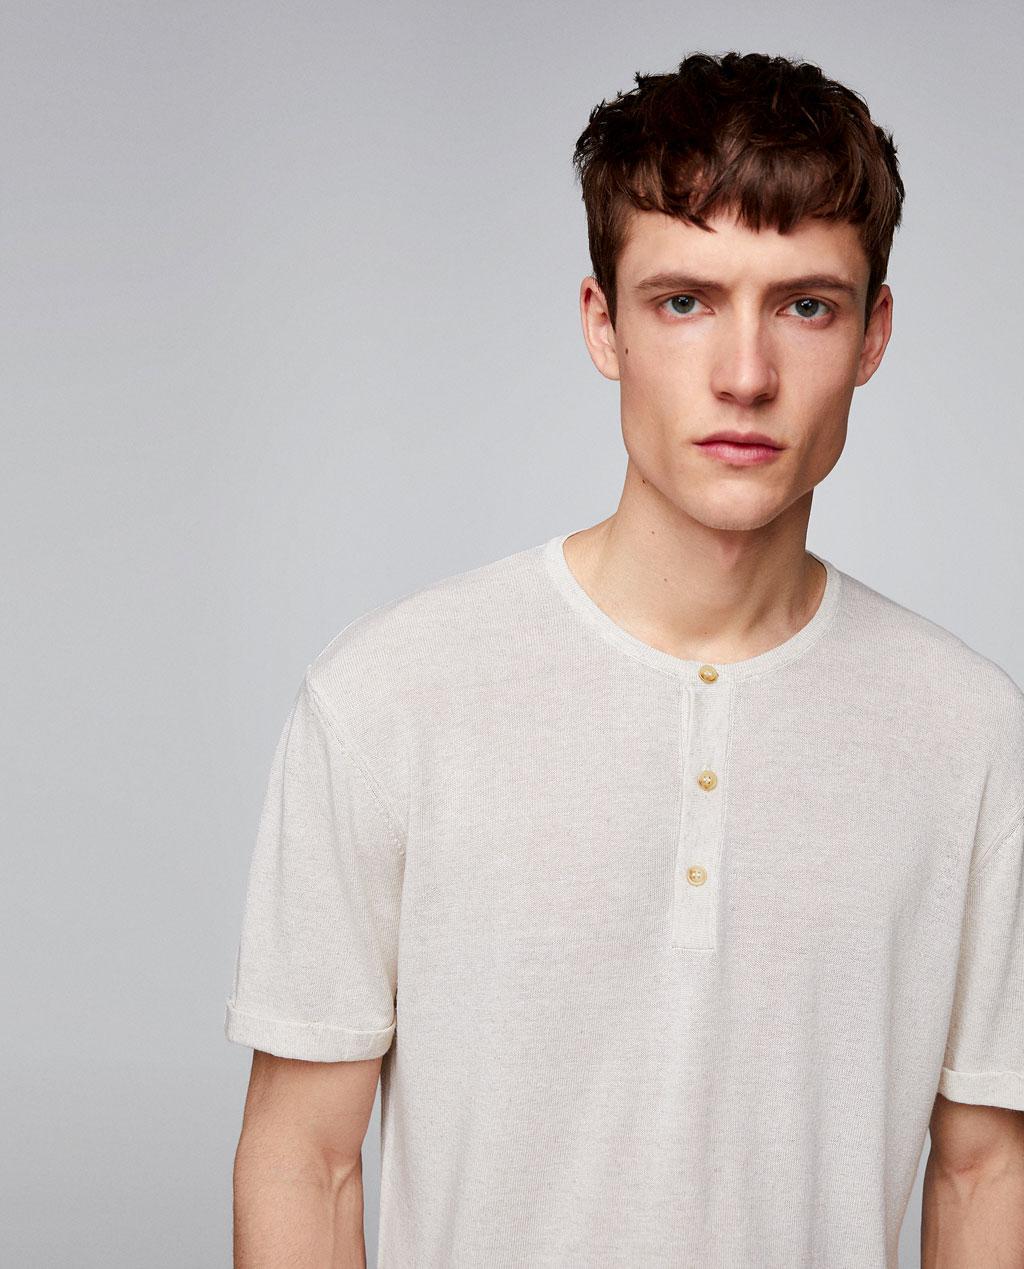 Thời trang nam Zara  24002 - ảnh 6